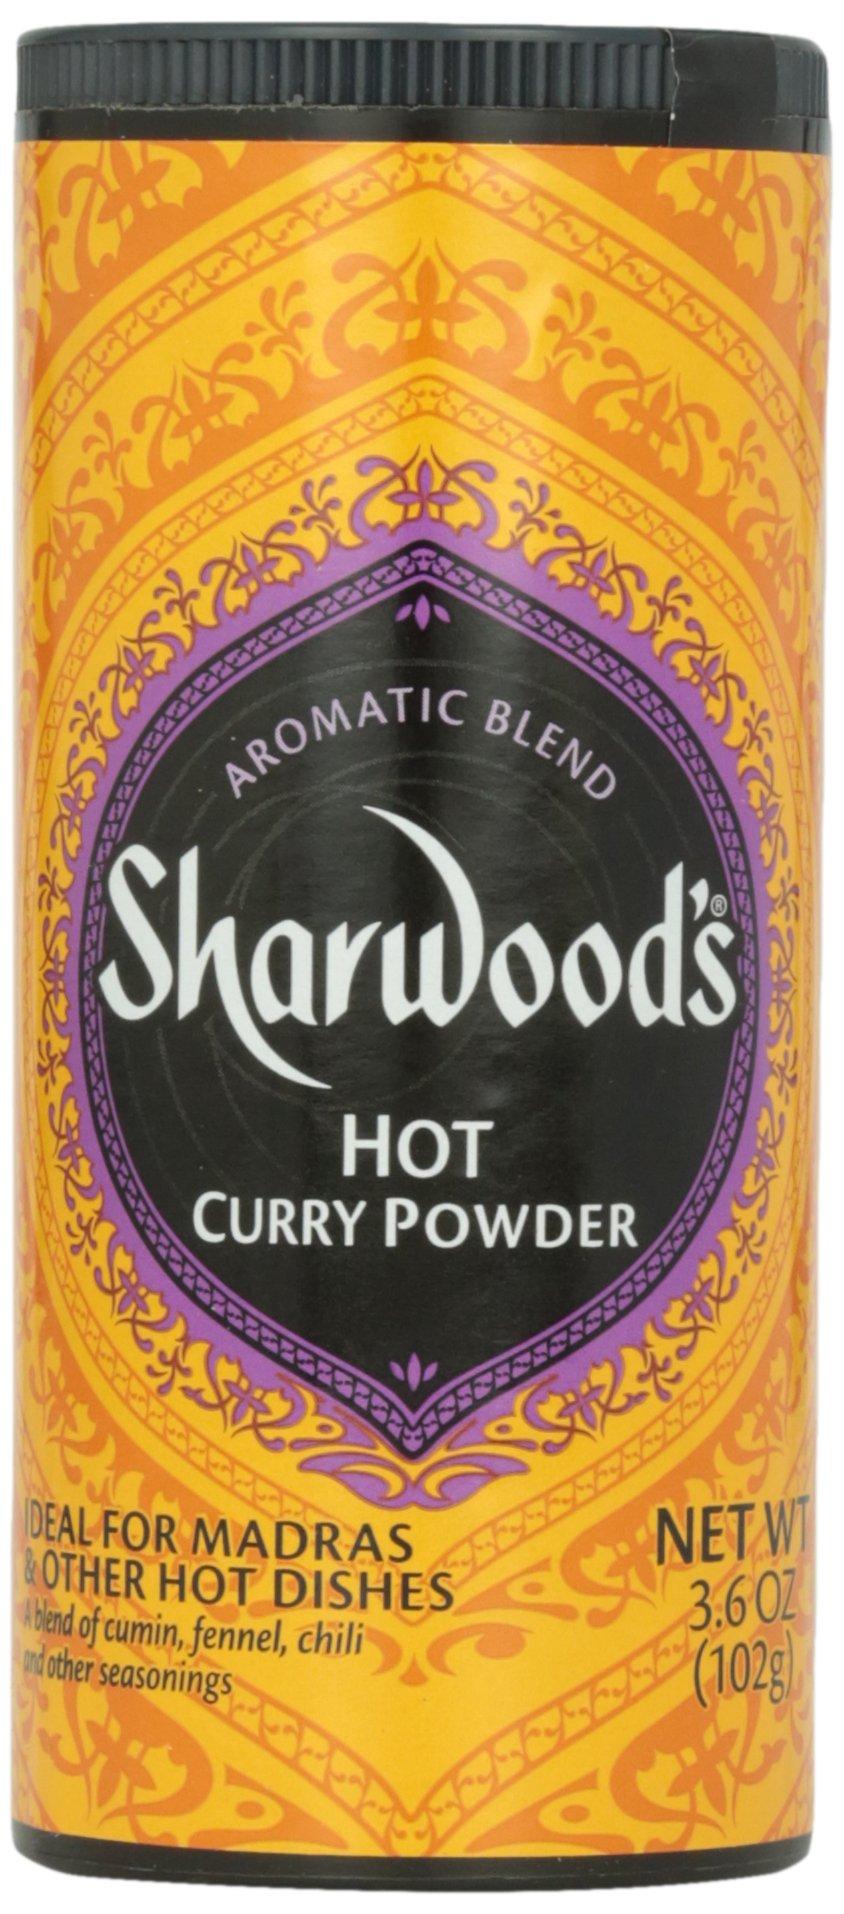 Sharwood Hot Curry Powder, 4 oz by Sharwood (Image #1)